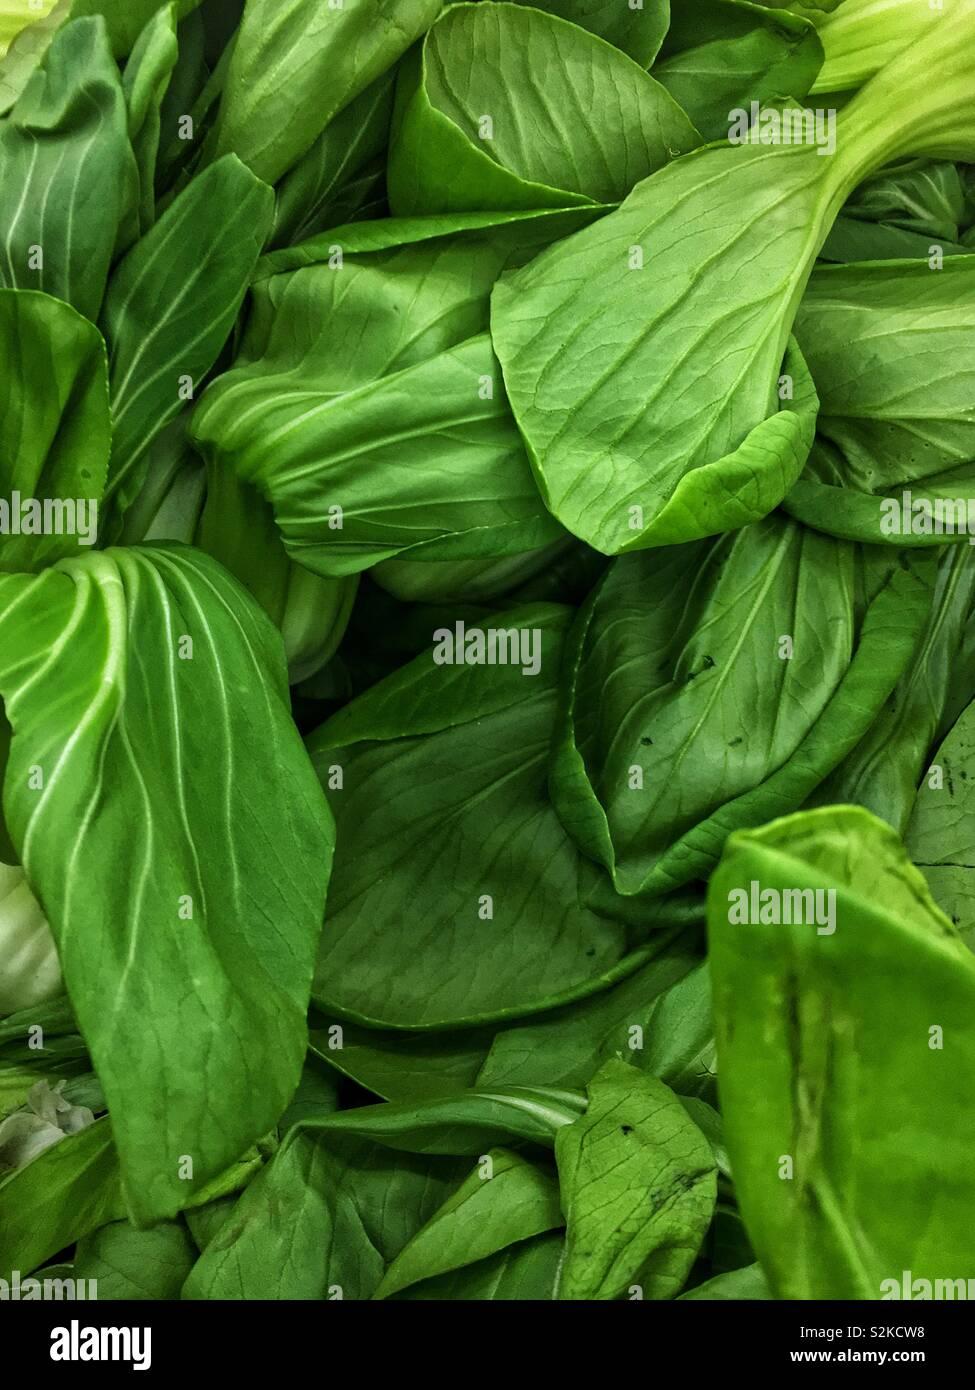 Full frame of fresh delicious ripe green baby bok Choy, pal choi, pok choi, xiǎo bái cài, Shànghǎi qīng, Brassica rapa, Brassica rapa chinensis. Pak choi - Stock Image